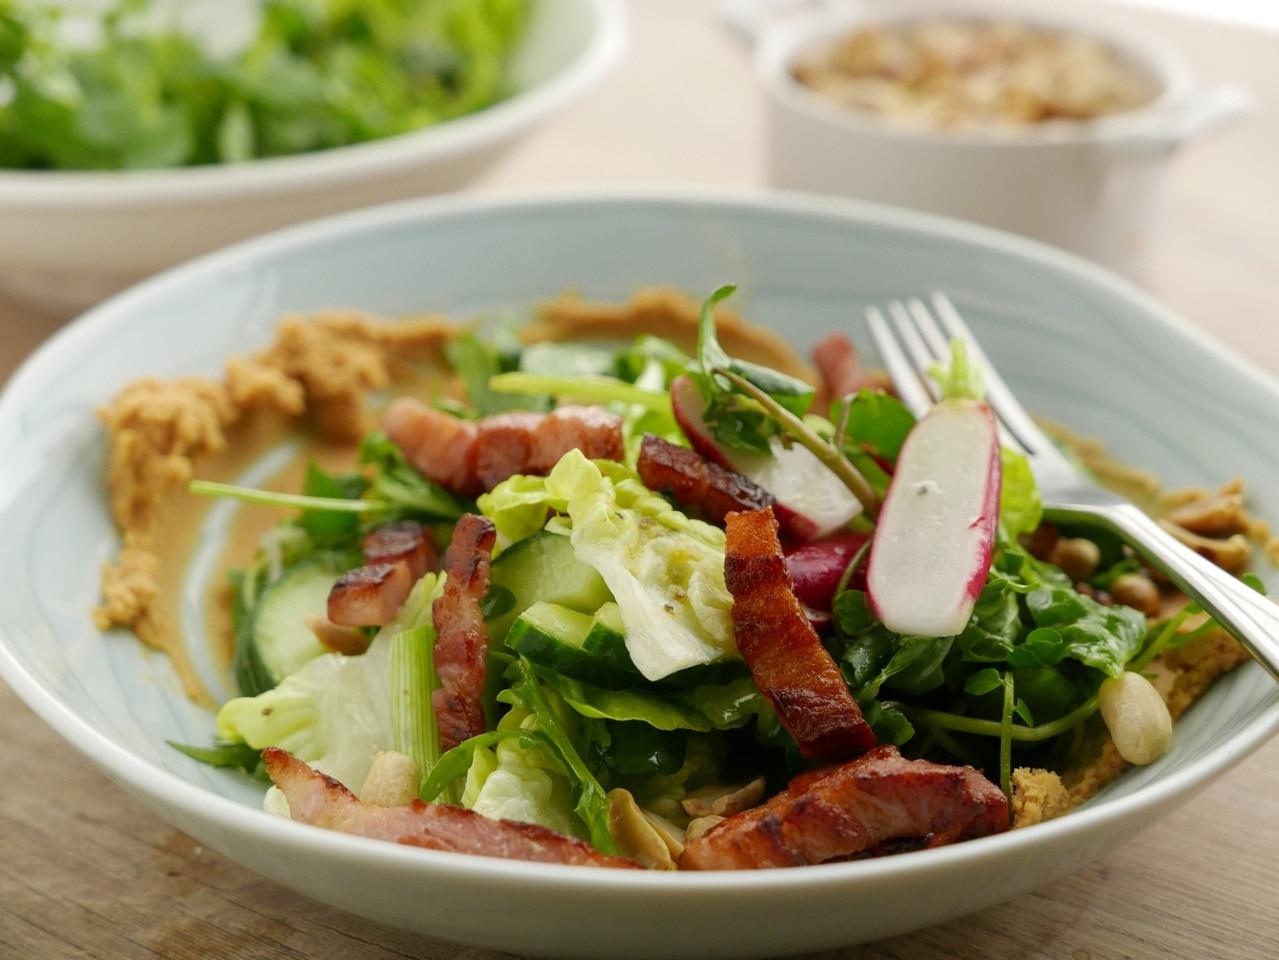 Bacon and Satay Salad